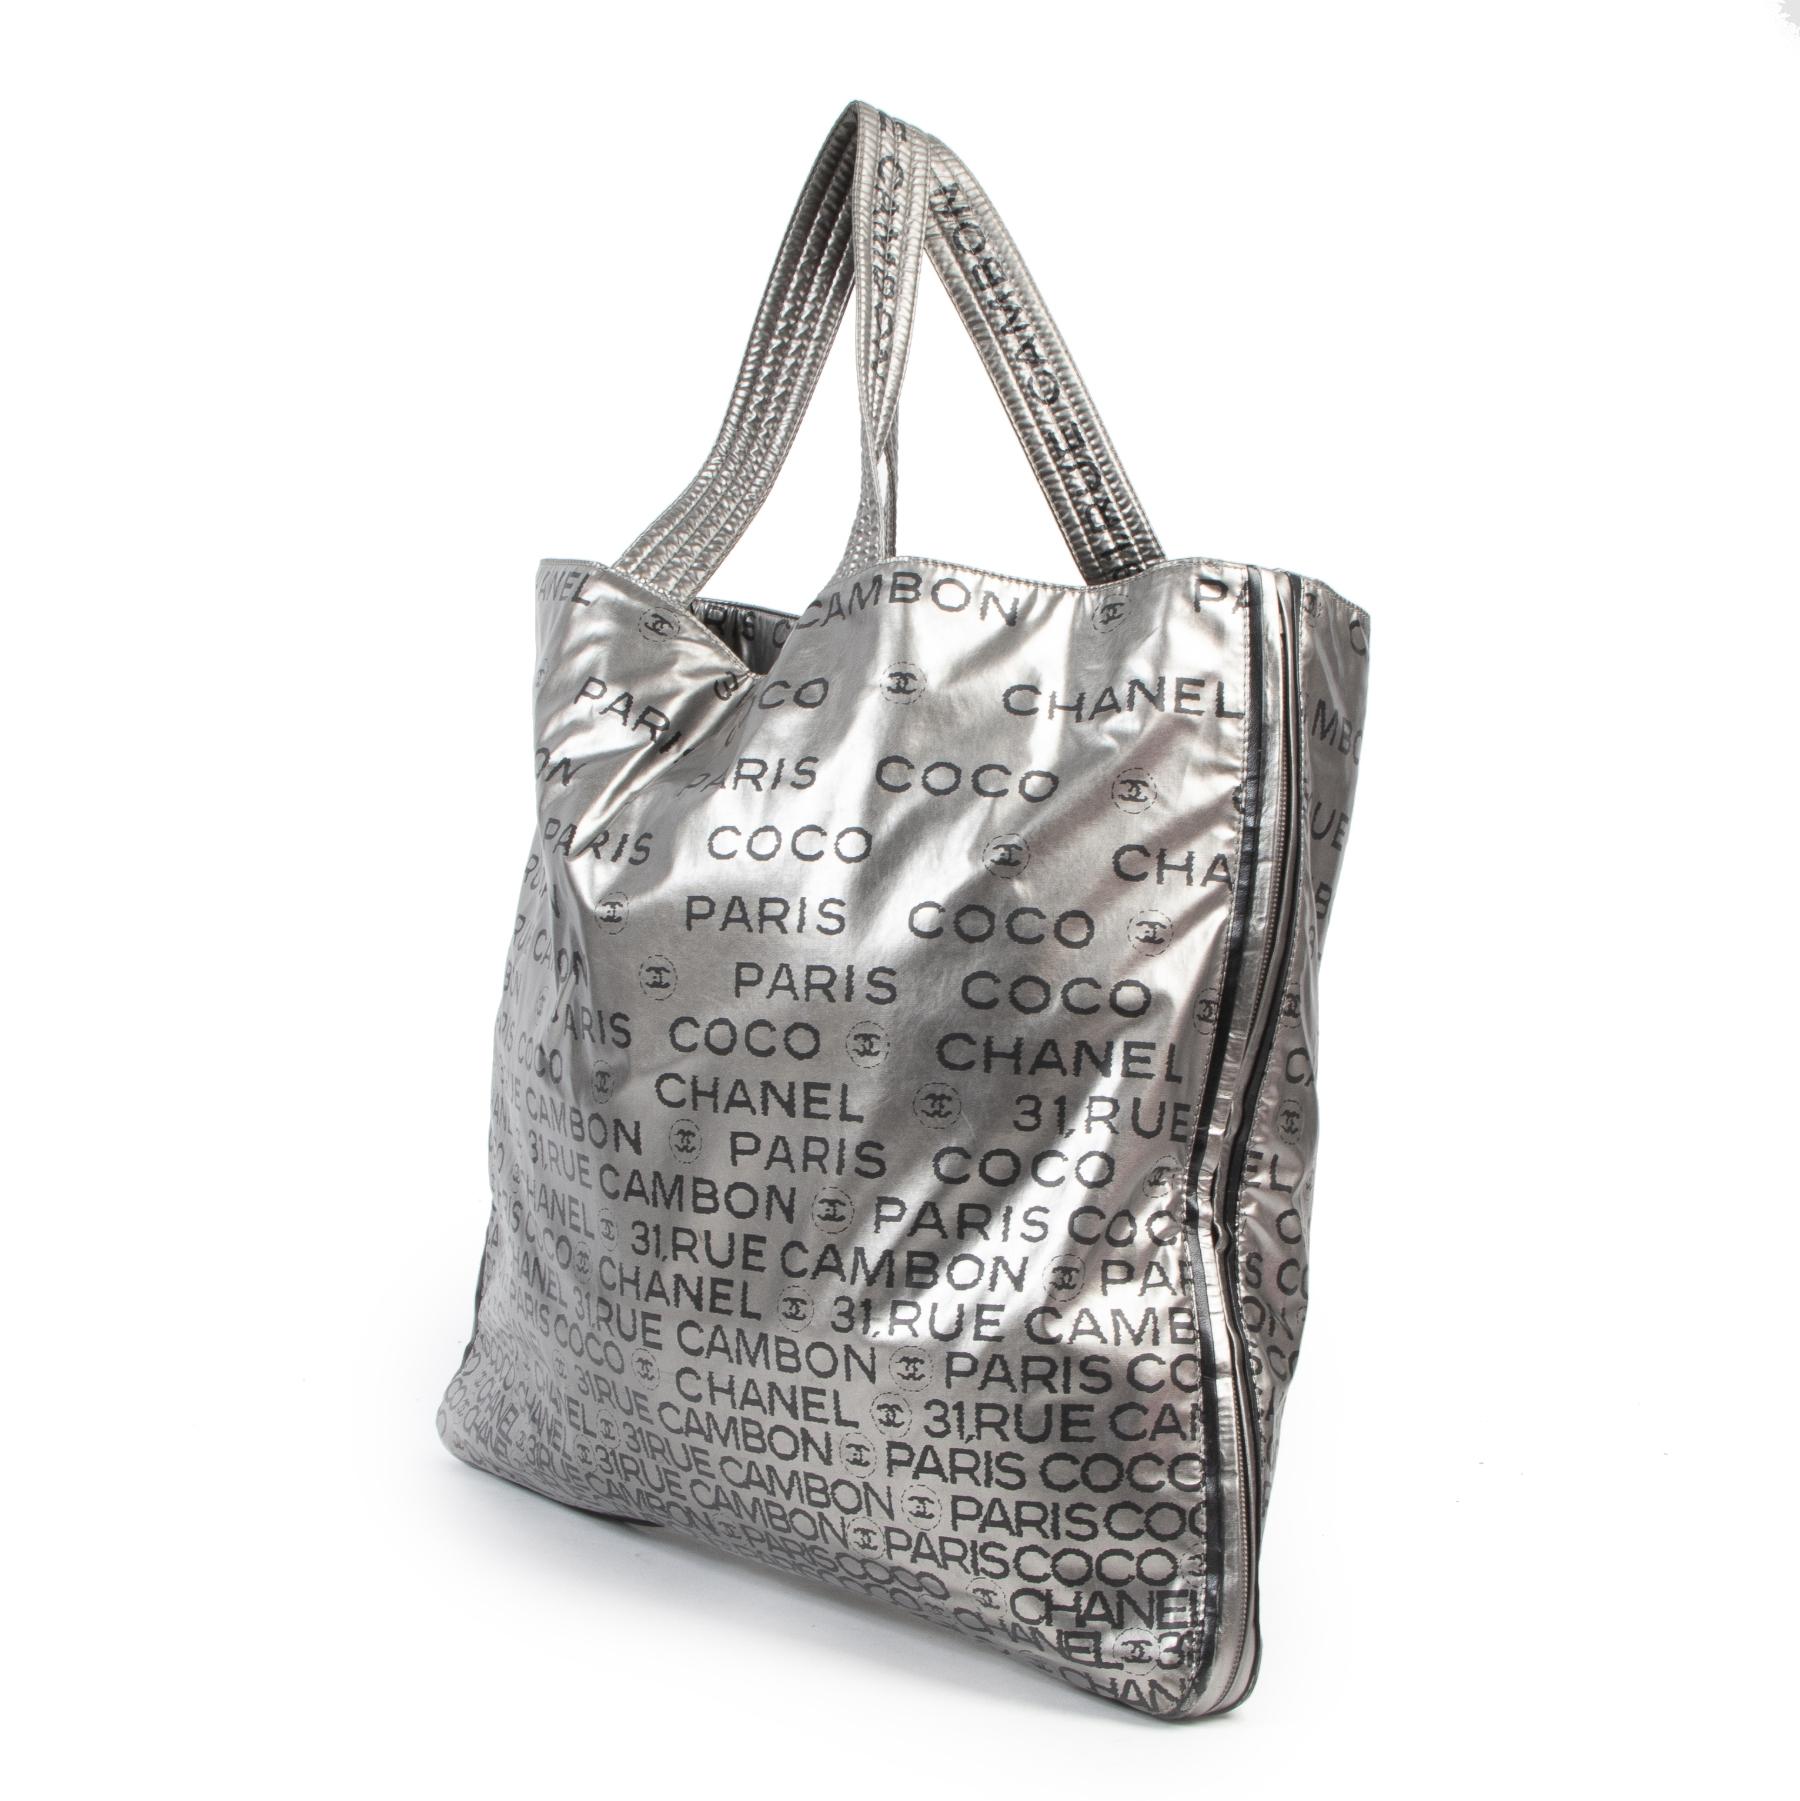 Chanel Silver Metallic 31 Rue Cambon Tote Bag. Authentieke tweedehands Chanel handtassen bij LabelLOV Antwerpen. Authentique seconde-main luxury en ligne webshop LabelLOV. Authentic preloved Chanel handbags at LabelLOV Antwerp.